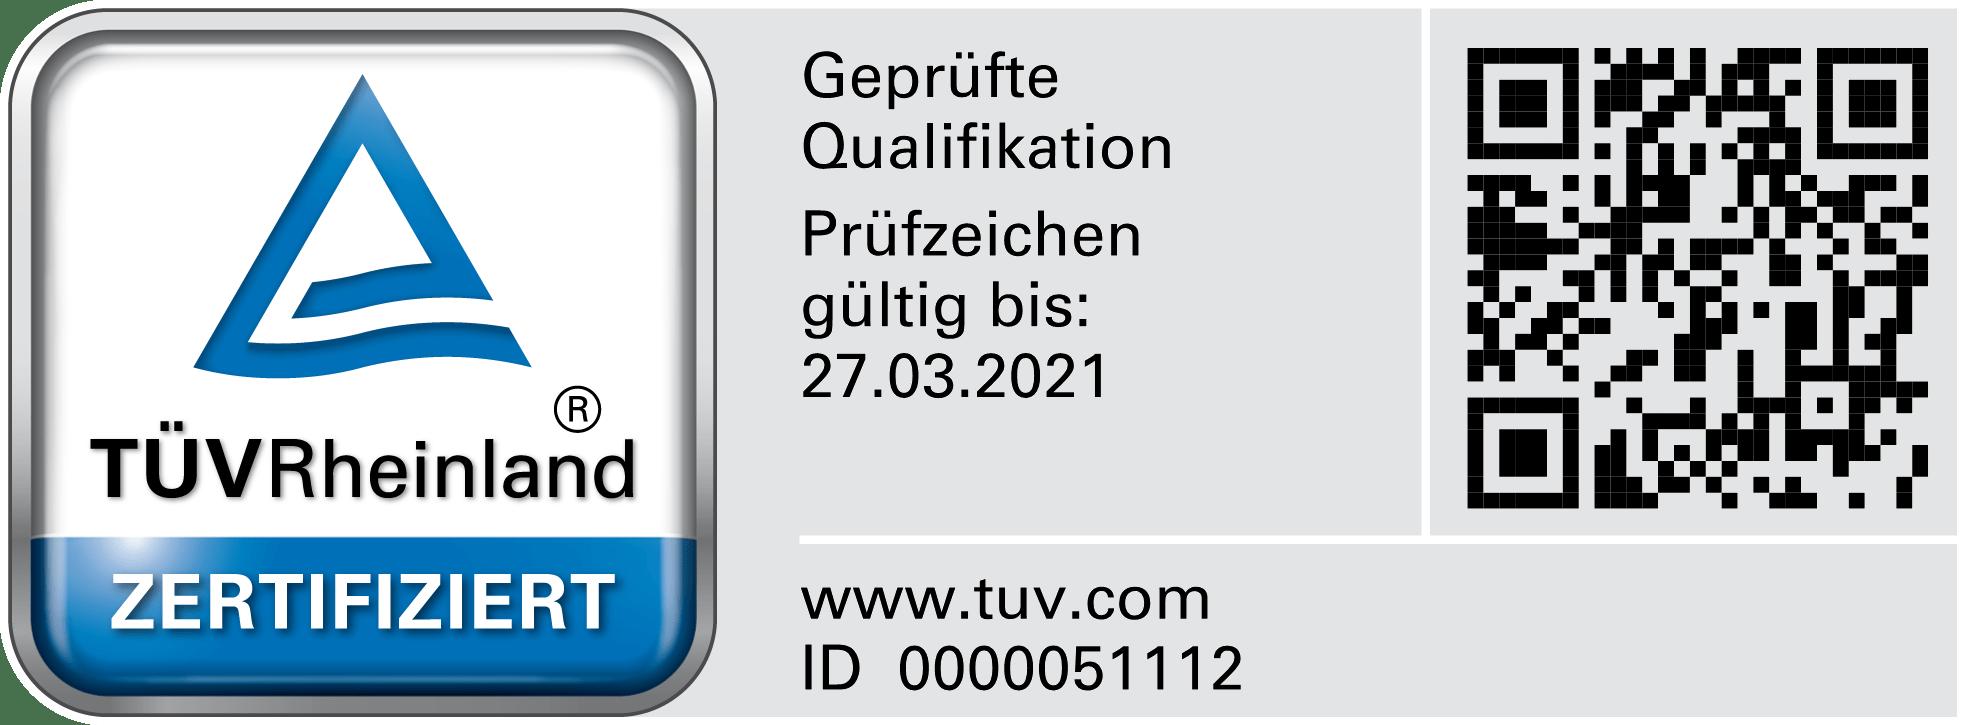 TÜV-Rheinland zertifizierung nach DIN 17024